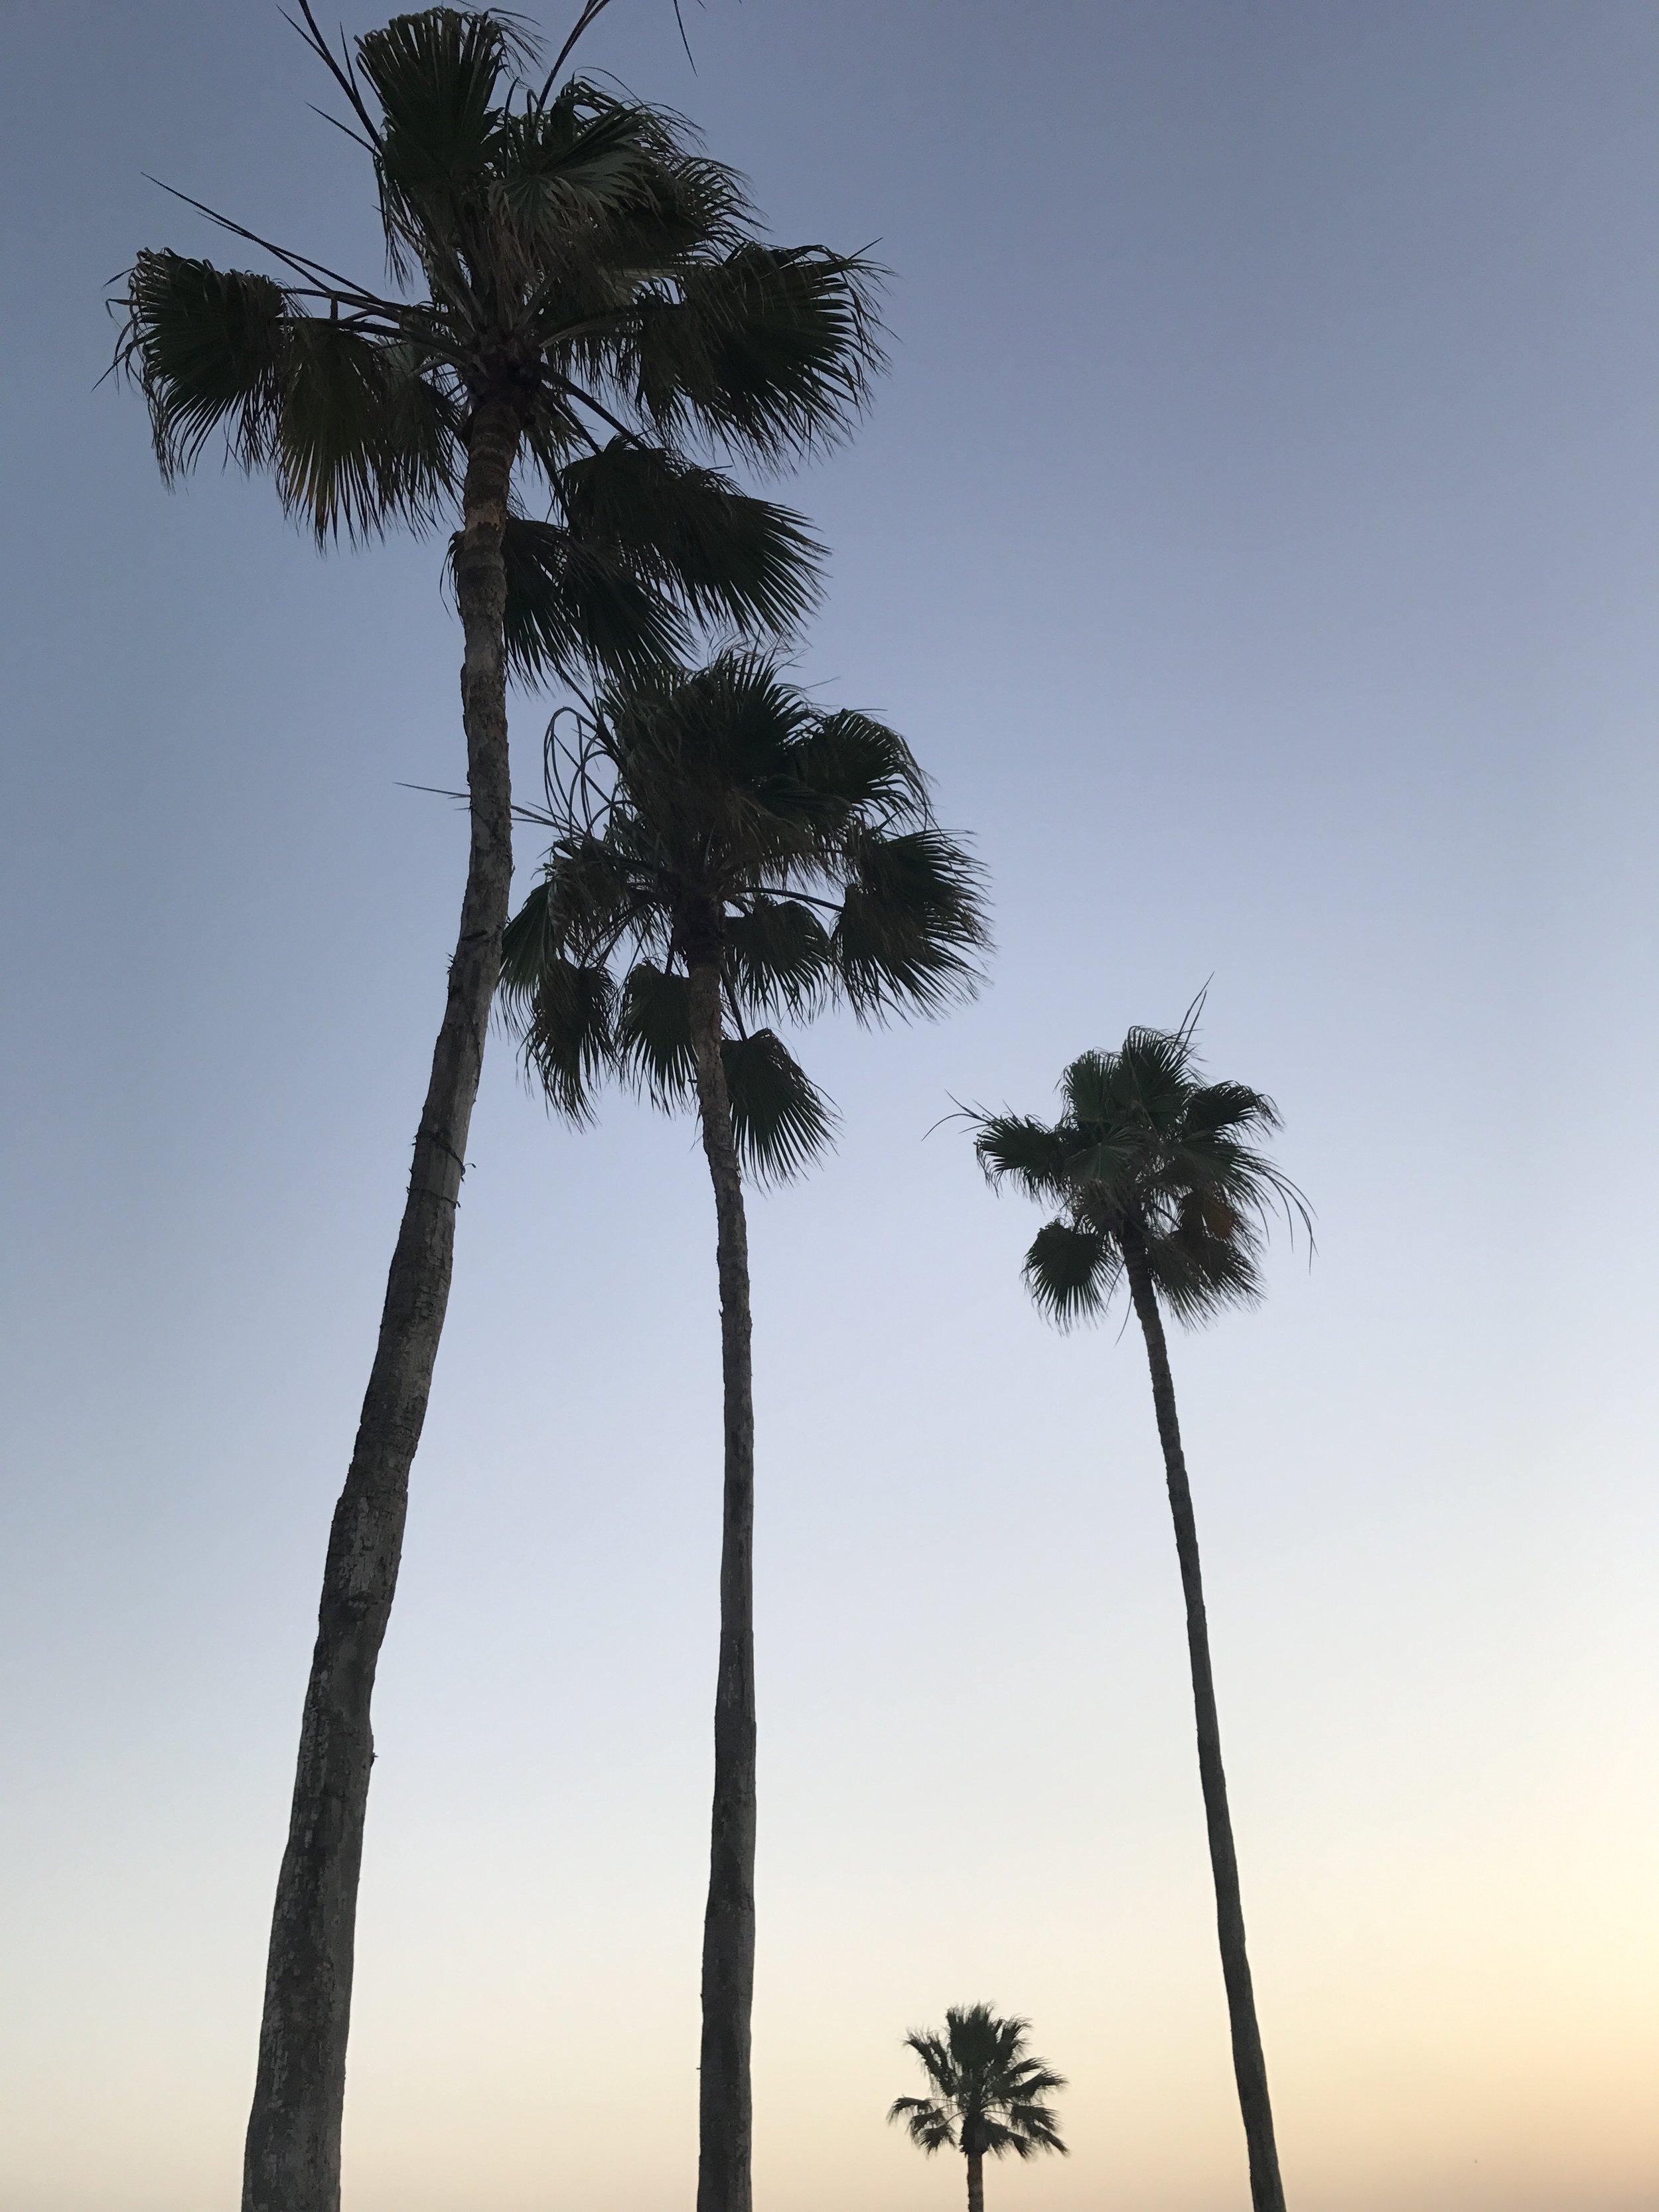 Sunset while walking on Laguna Blvd.